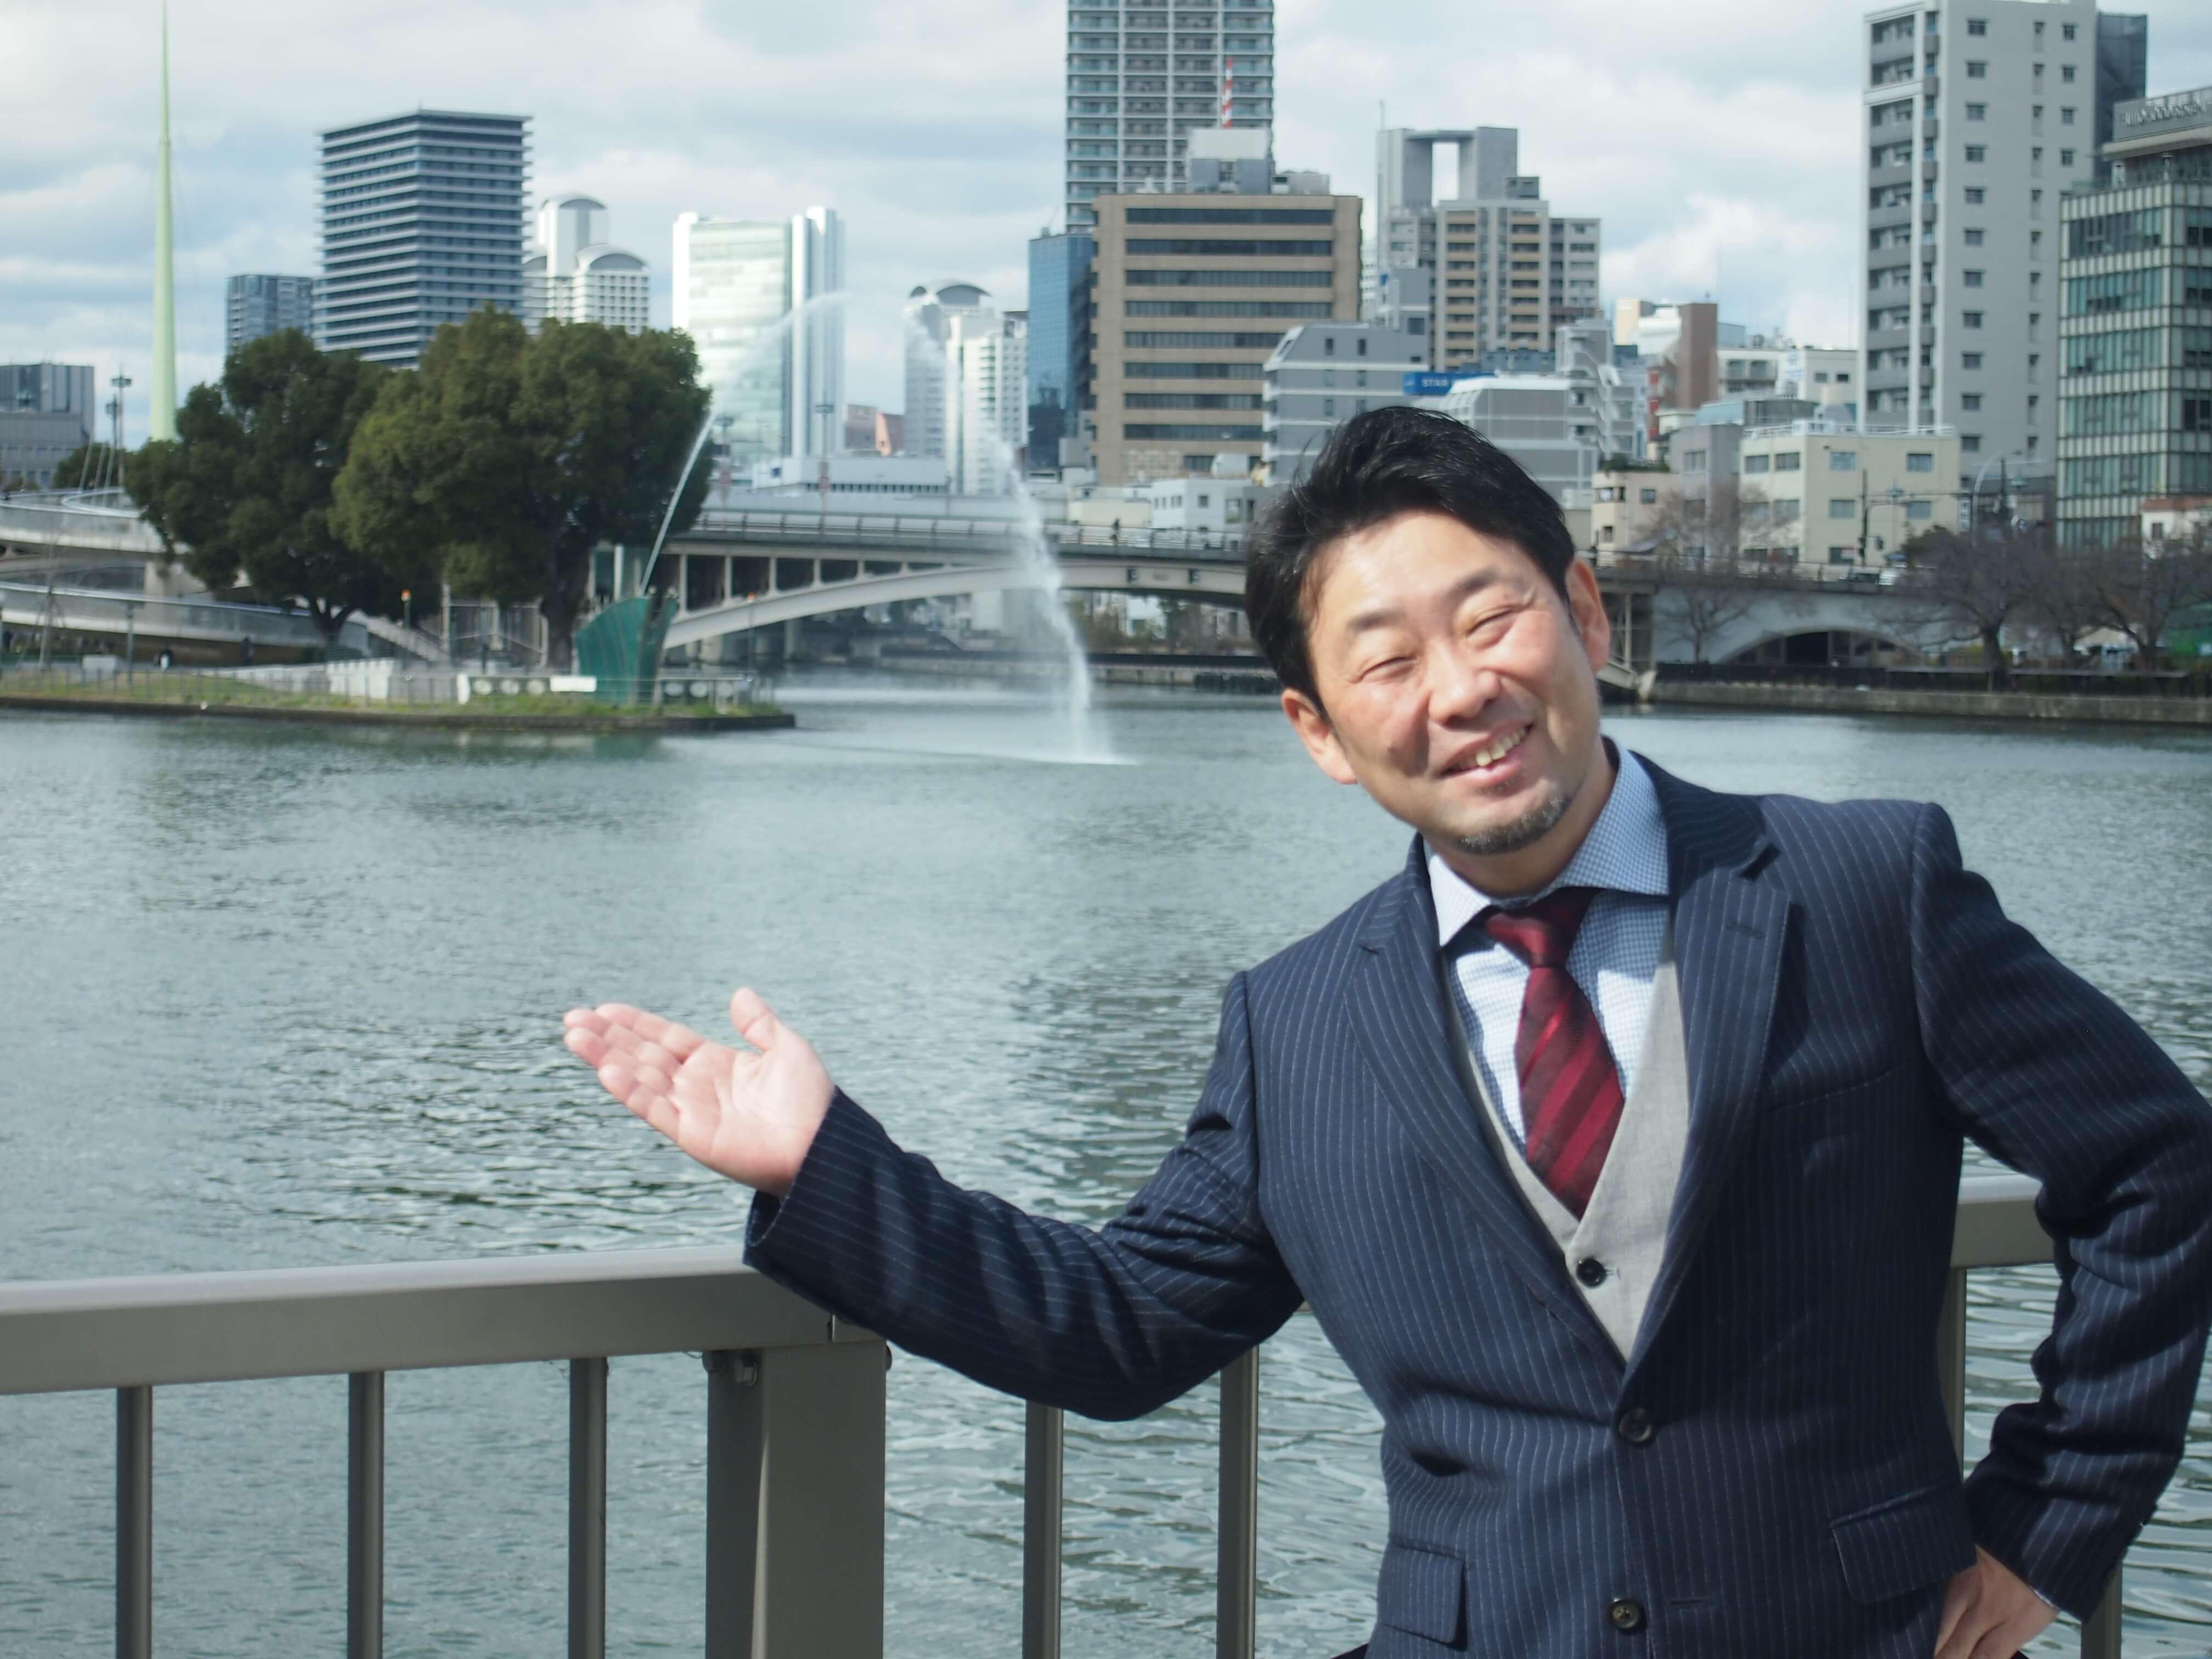 岸田さんが中之島で一番、好きな場所だという、剣先公園を背景に。するとタイミングよく噴水が。思わずお茶目なポーズをとる岸田さん。演劇をやっていた経験からか、こんなポーズもバッチリ。